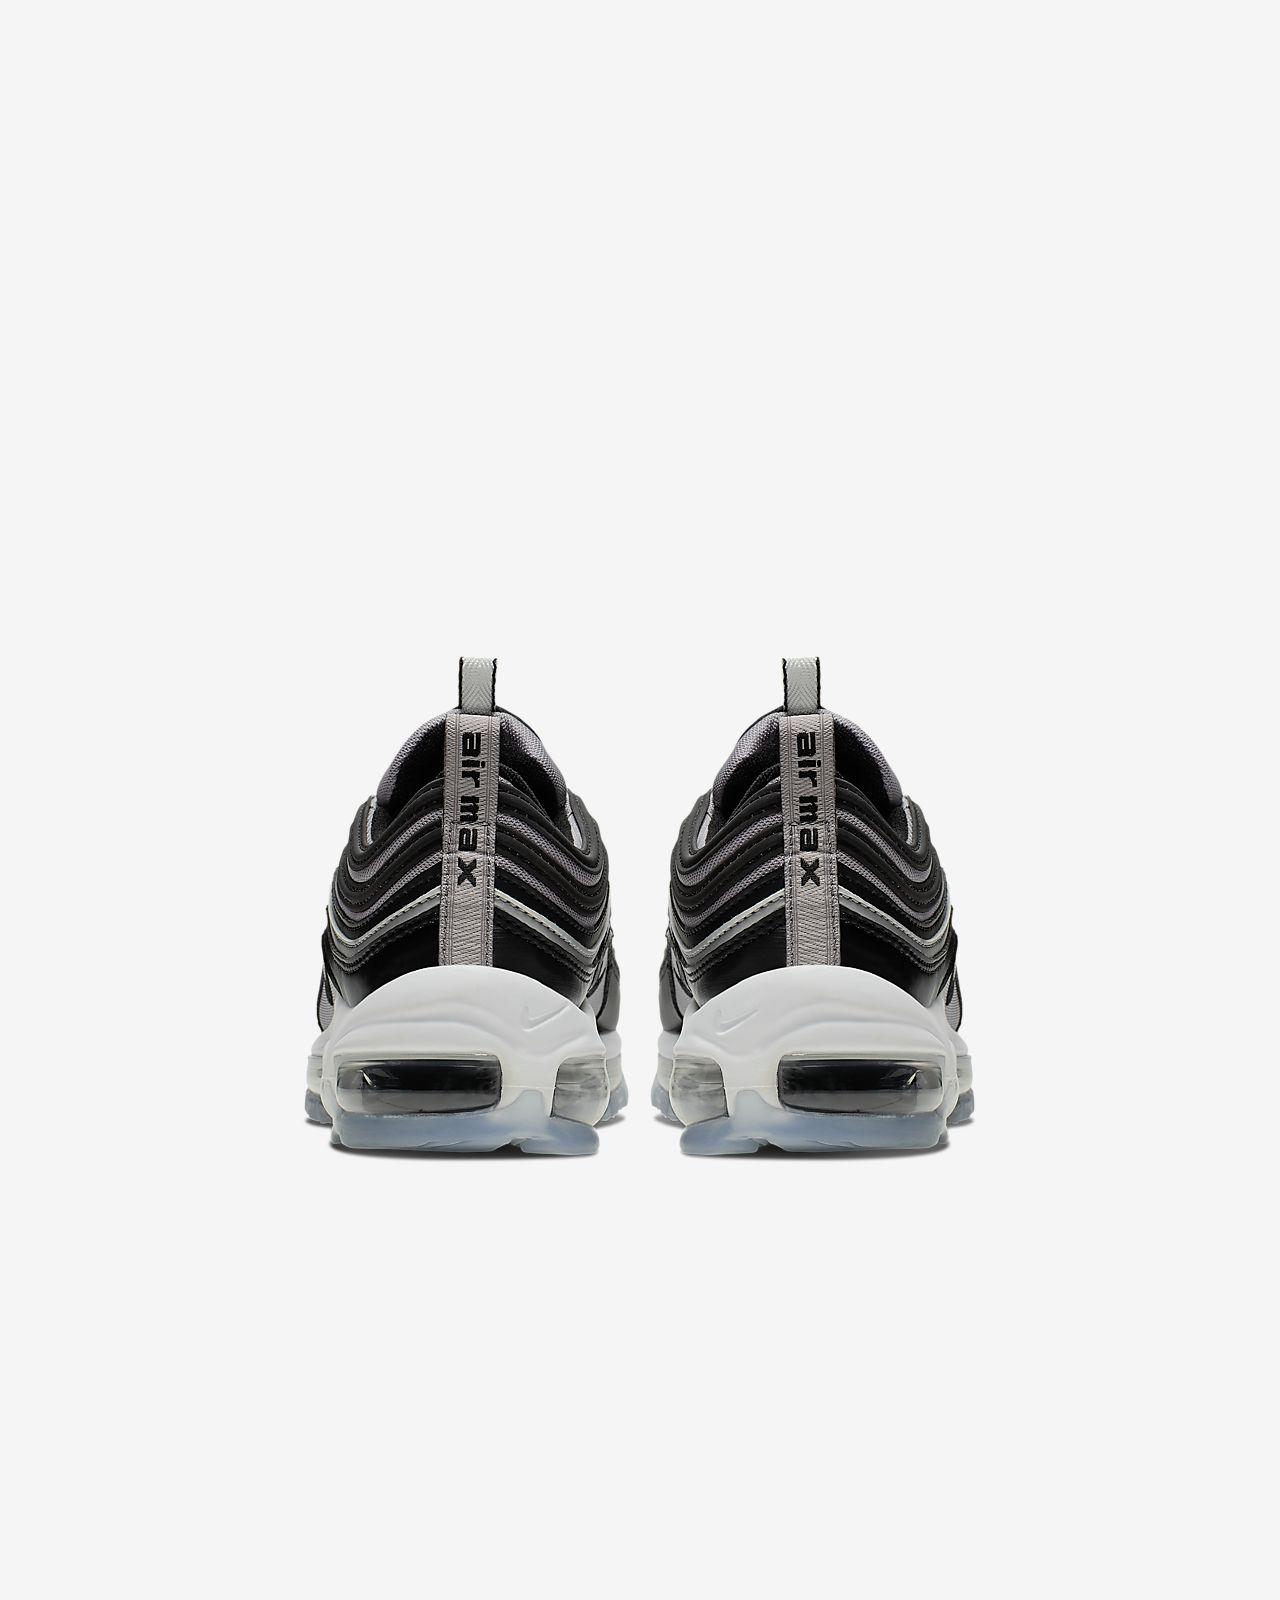 Chaussure Nike Air Max 97 RFT pour Enfant plus âgé